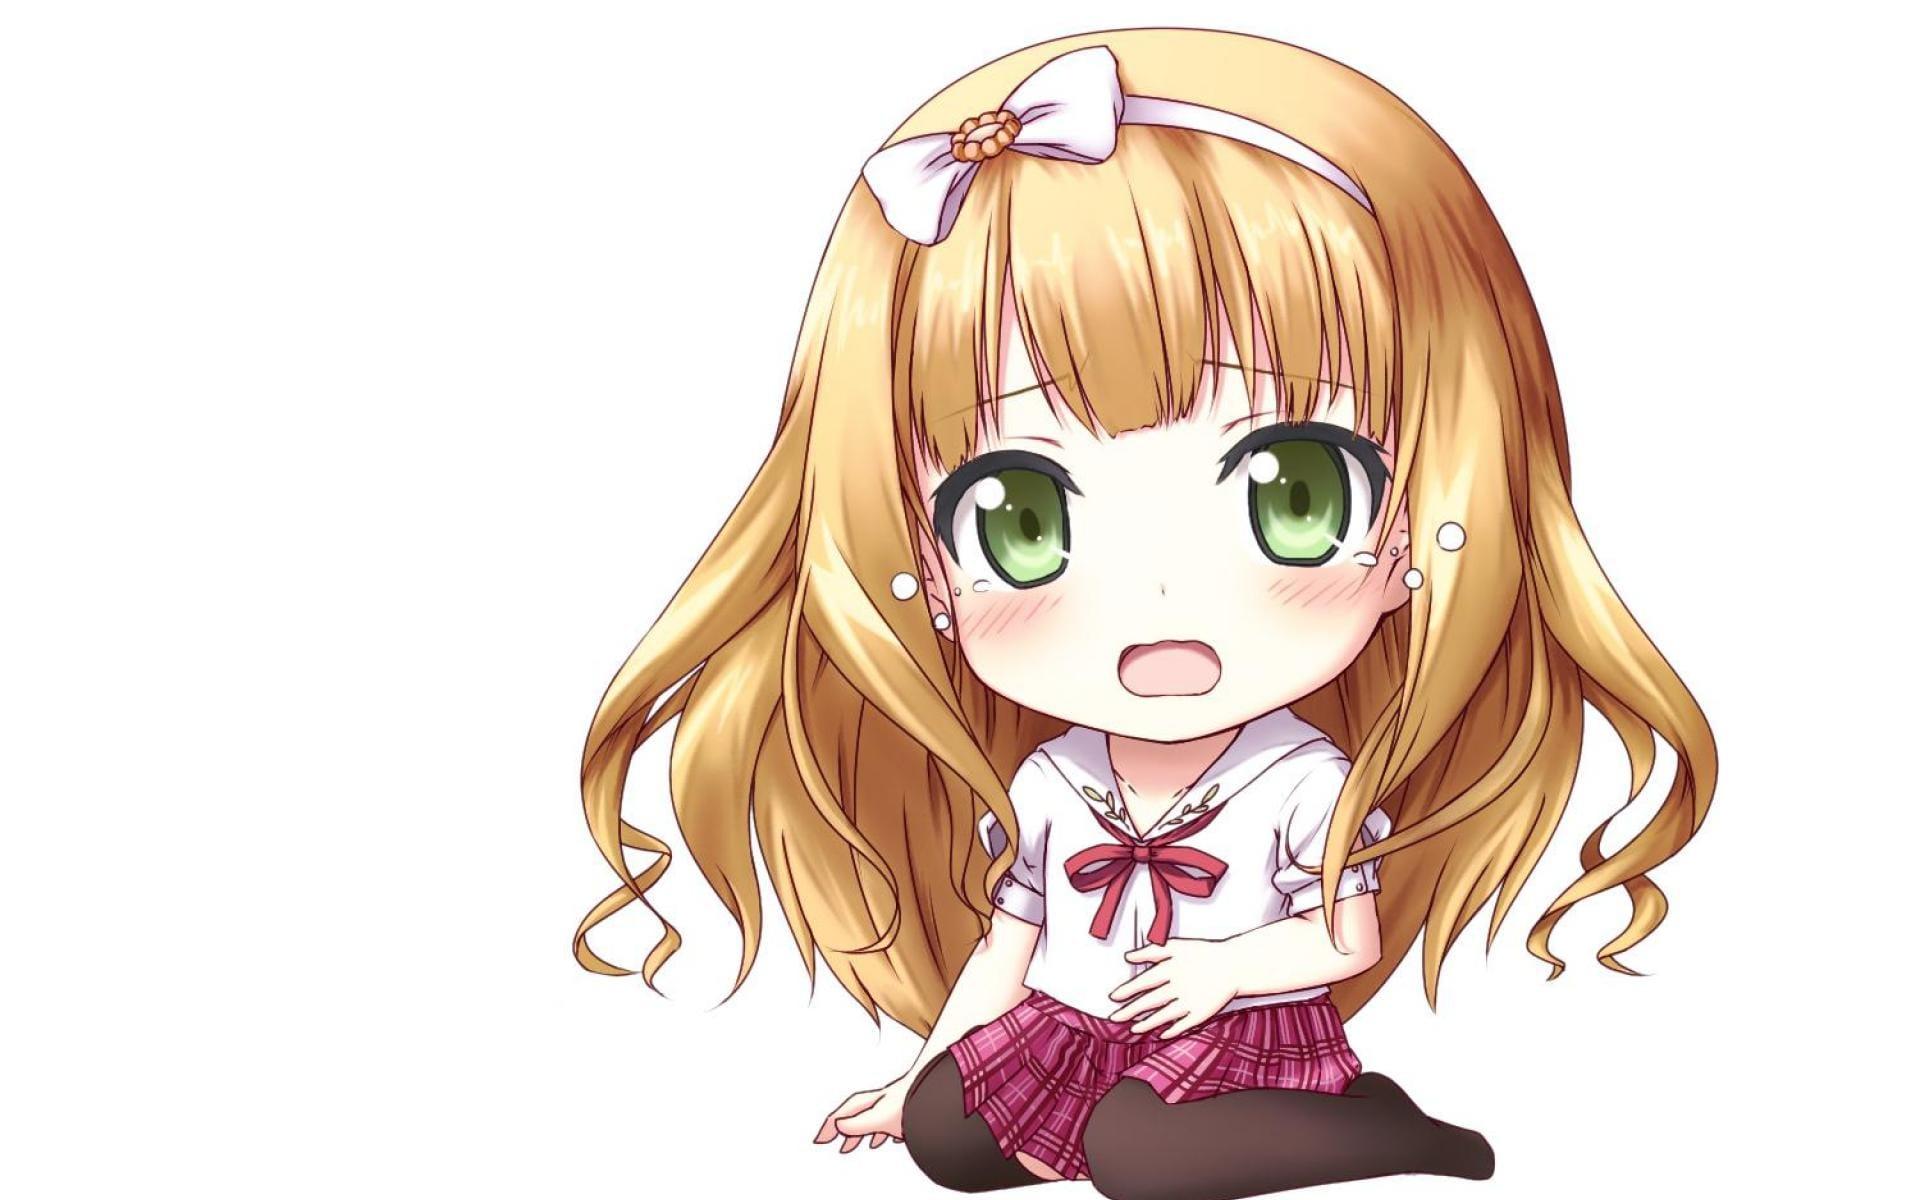 tai-hinh-anh-de-thuong-cute-lam-avatar-social-network (32)